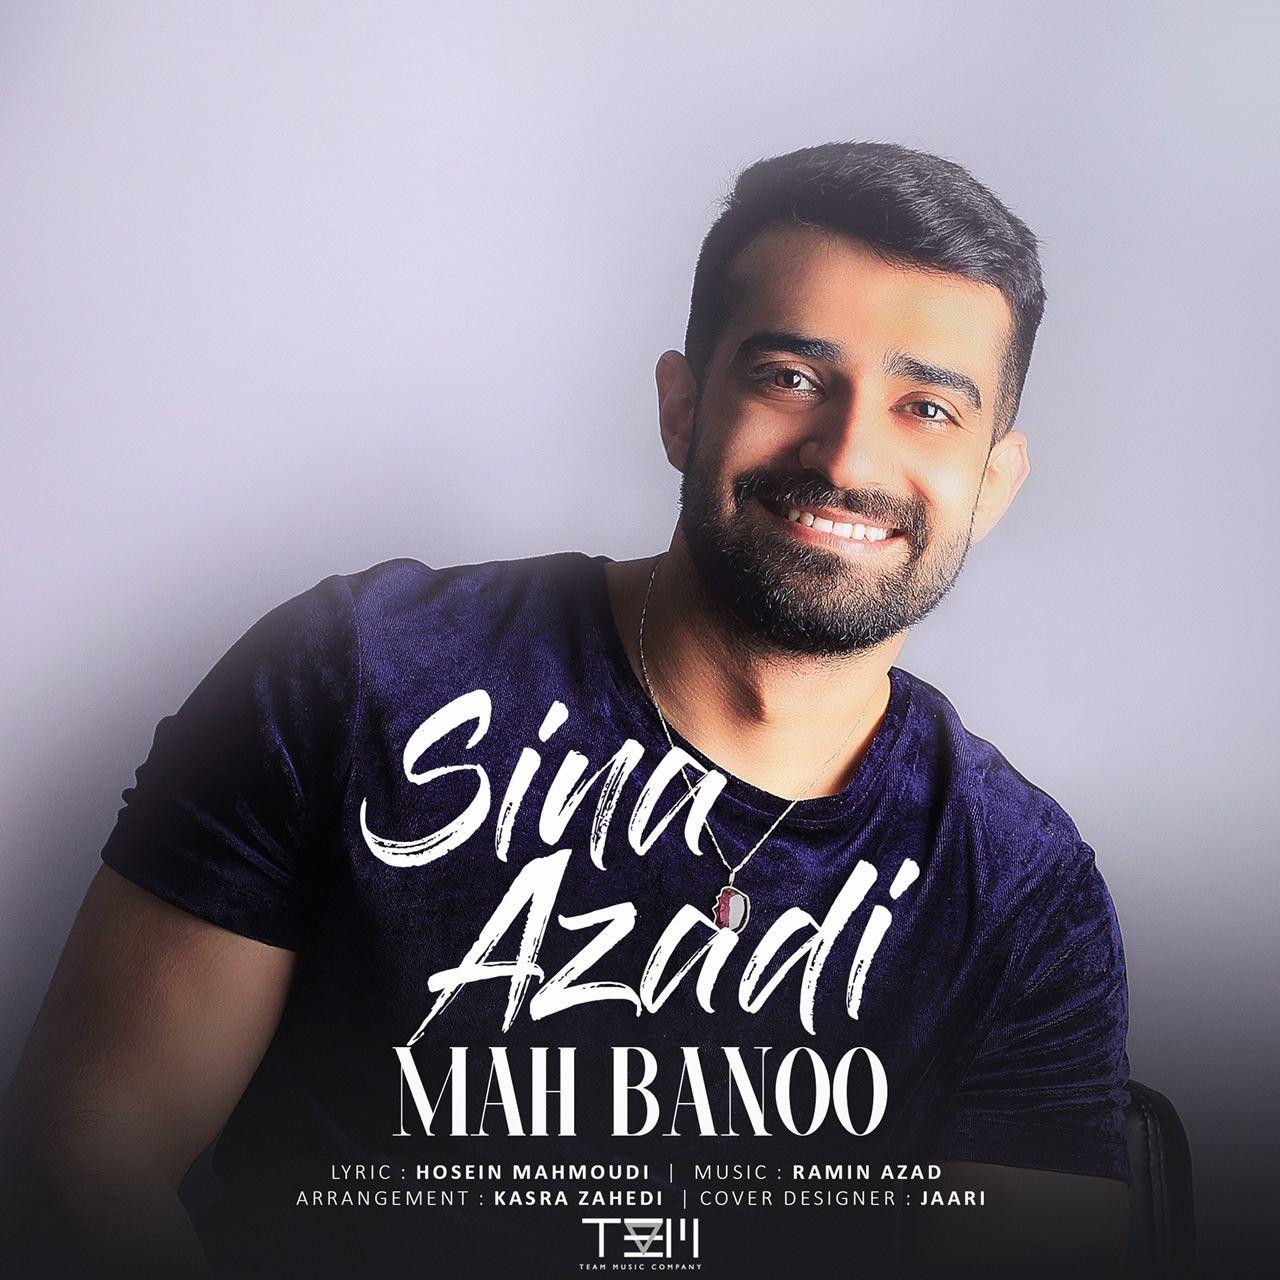 Sina Azadi – Mah Banoo